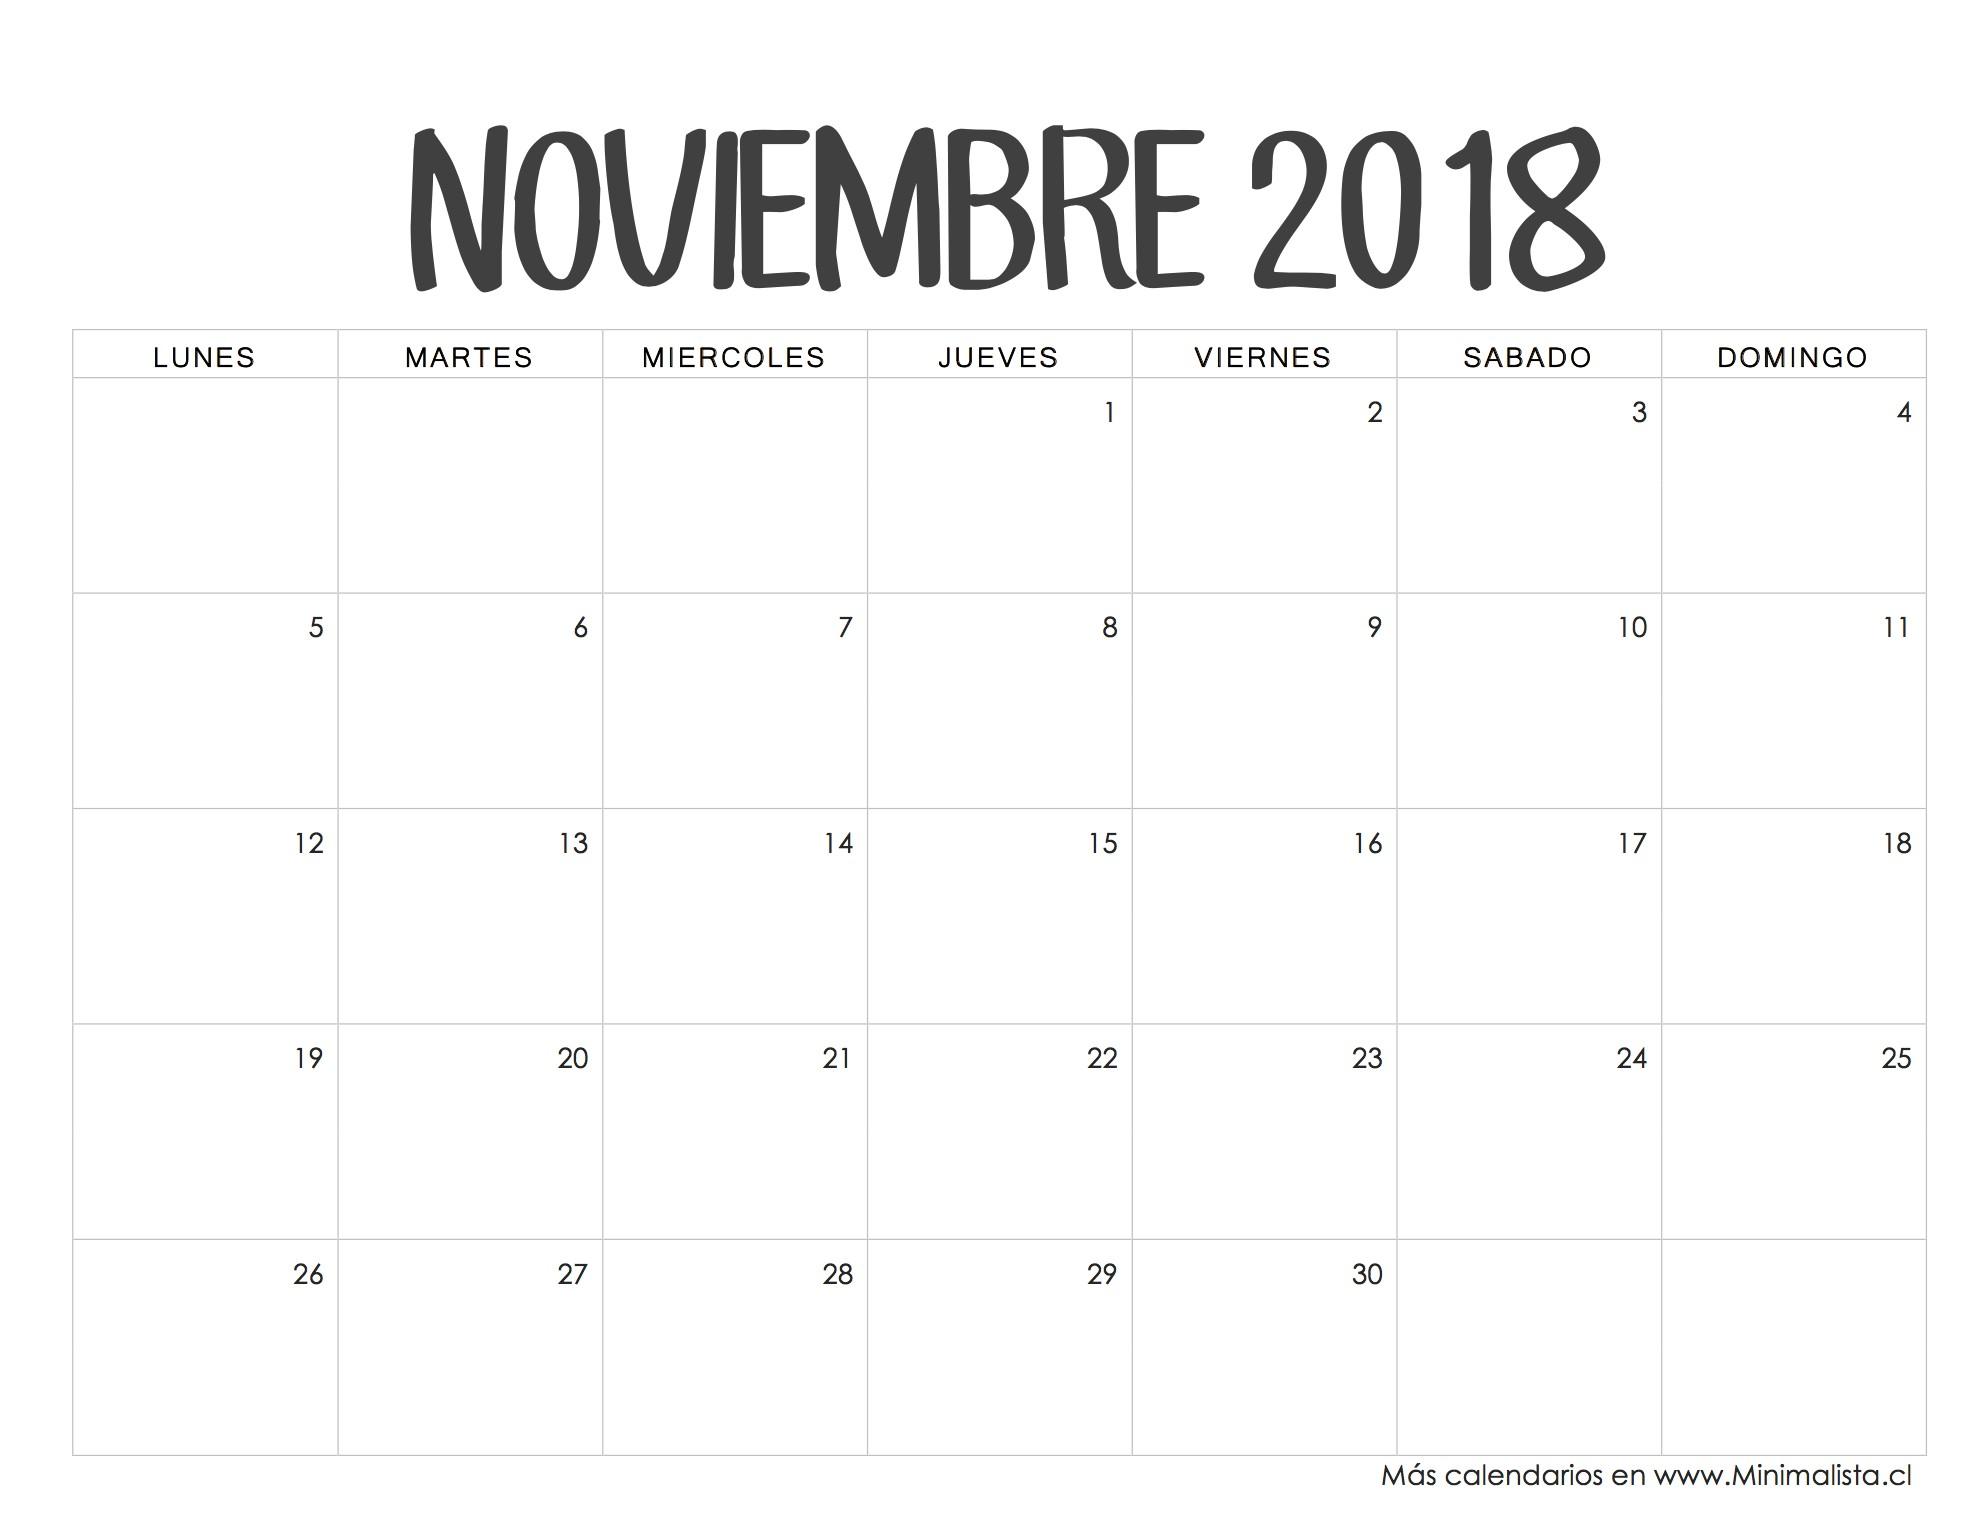 Calendario Diciembre 2017 Chile Para Imprimir Más Reciente Calendario Noviembre 2018 A Dibujar Pinterest Of Calendario Diciembre 2017 Chile Para Imprimir Recientes Calendario Chile A±o 2018